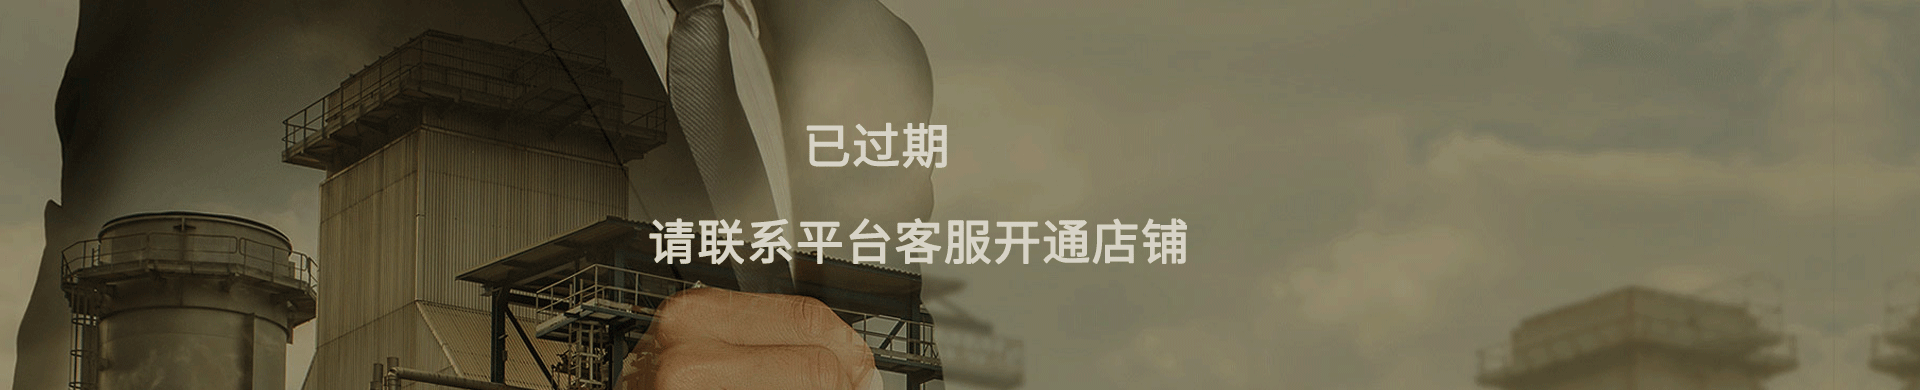 东莞盈大电子